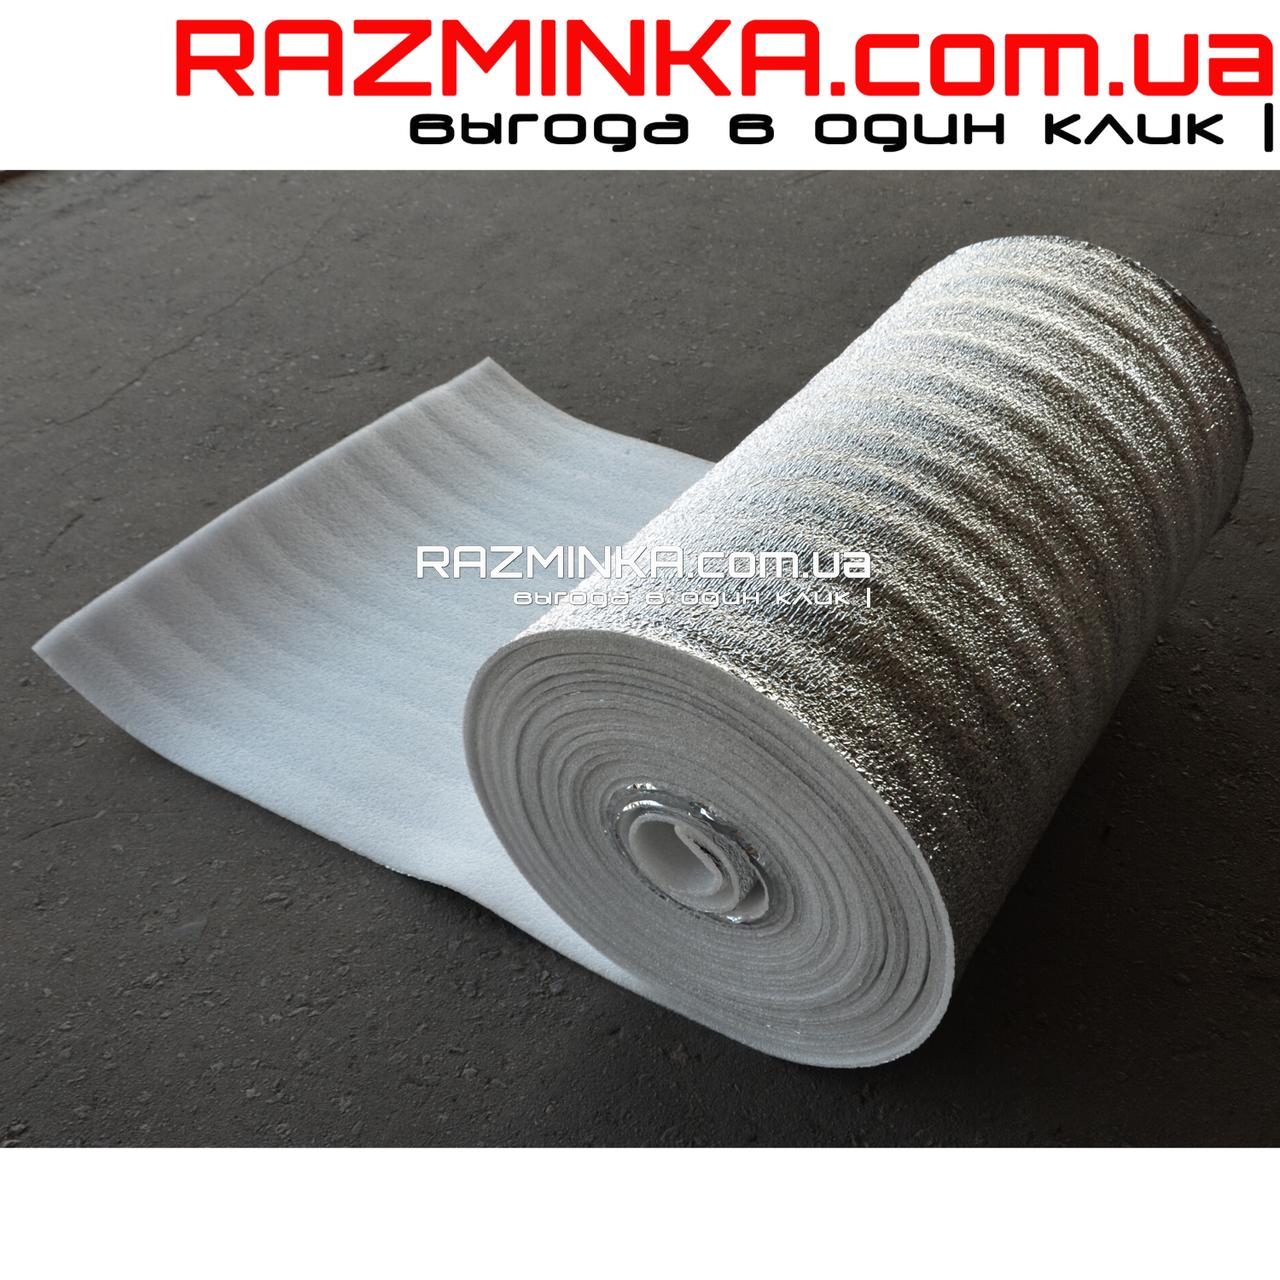 Вспененный полиэтилен фольгированный 10мм, рулон 50м²